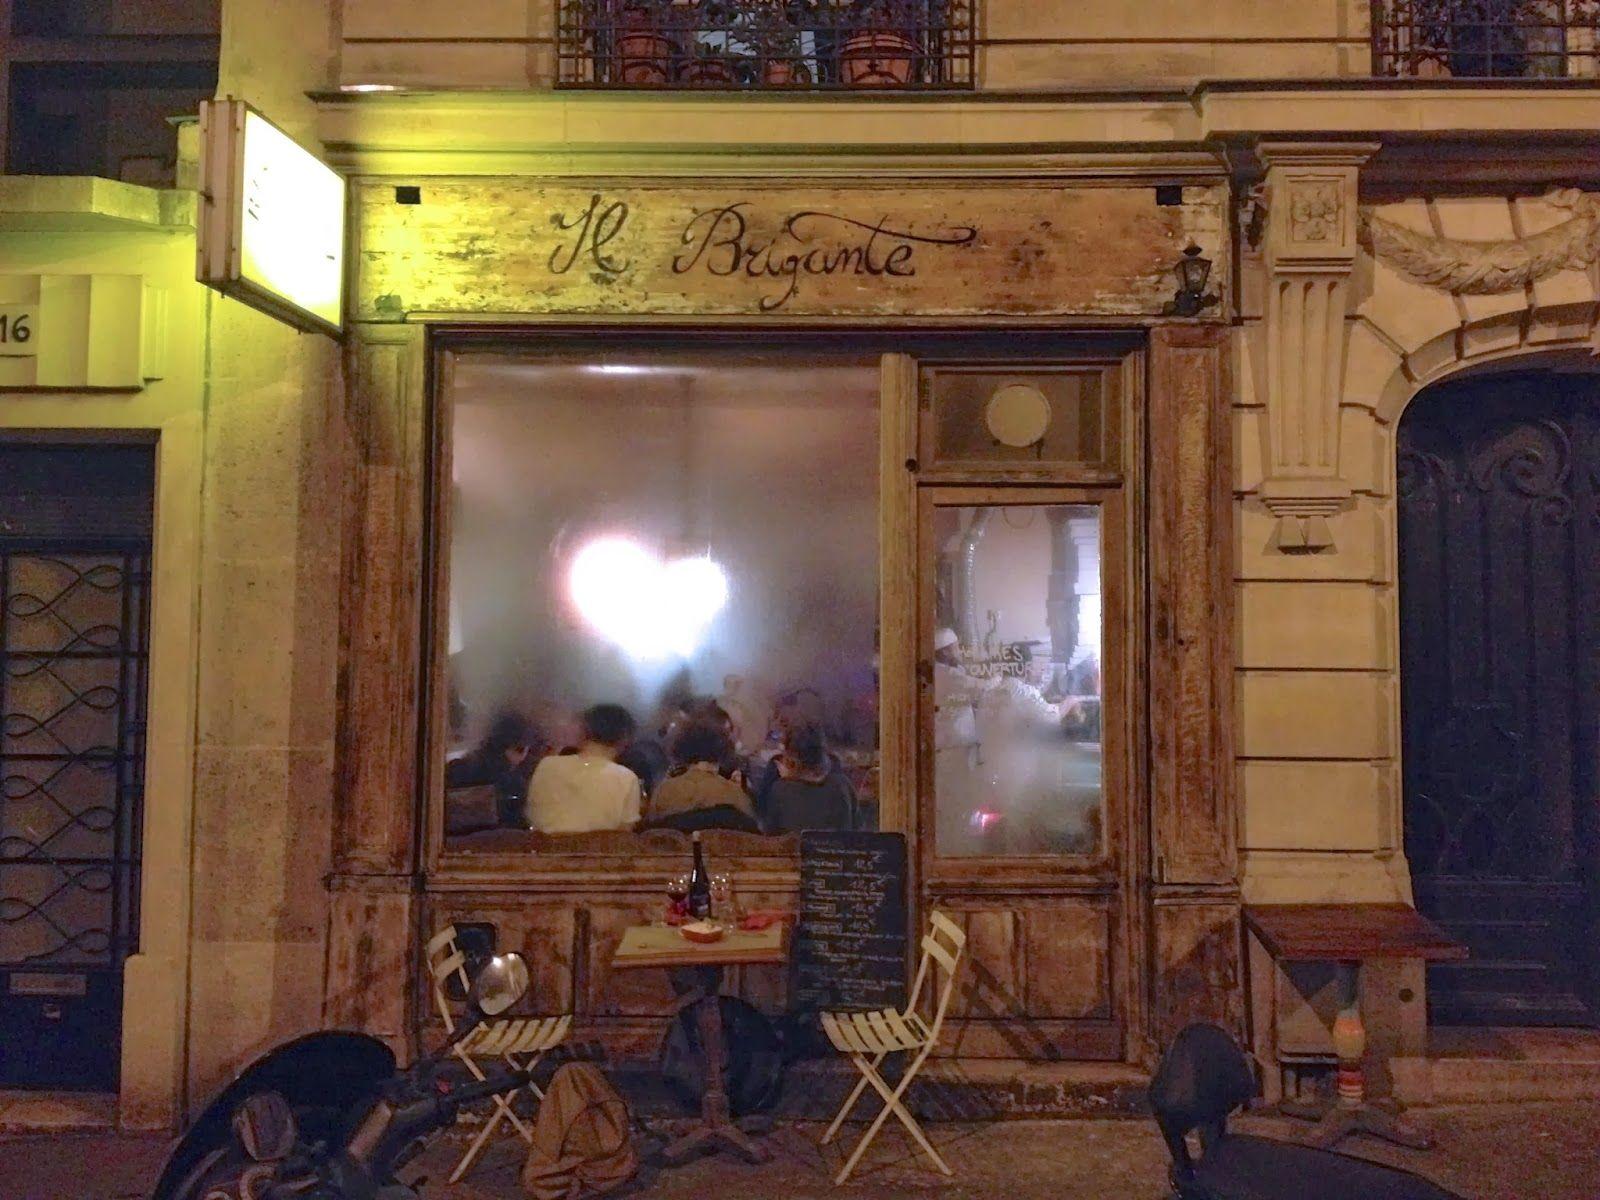 Il Brigante - Authentic Italian Pizza in Paris